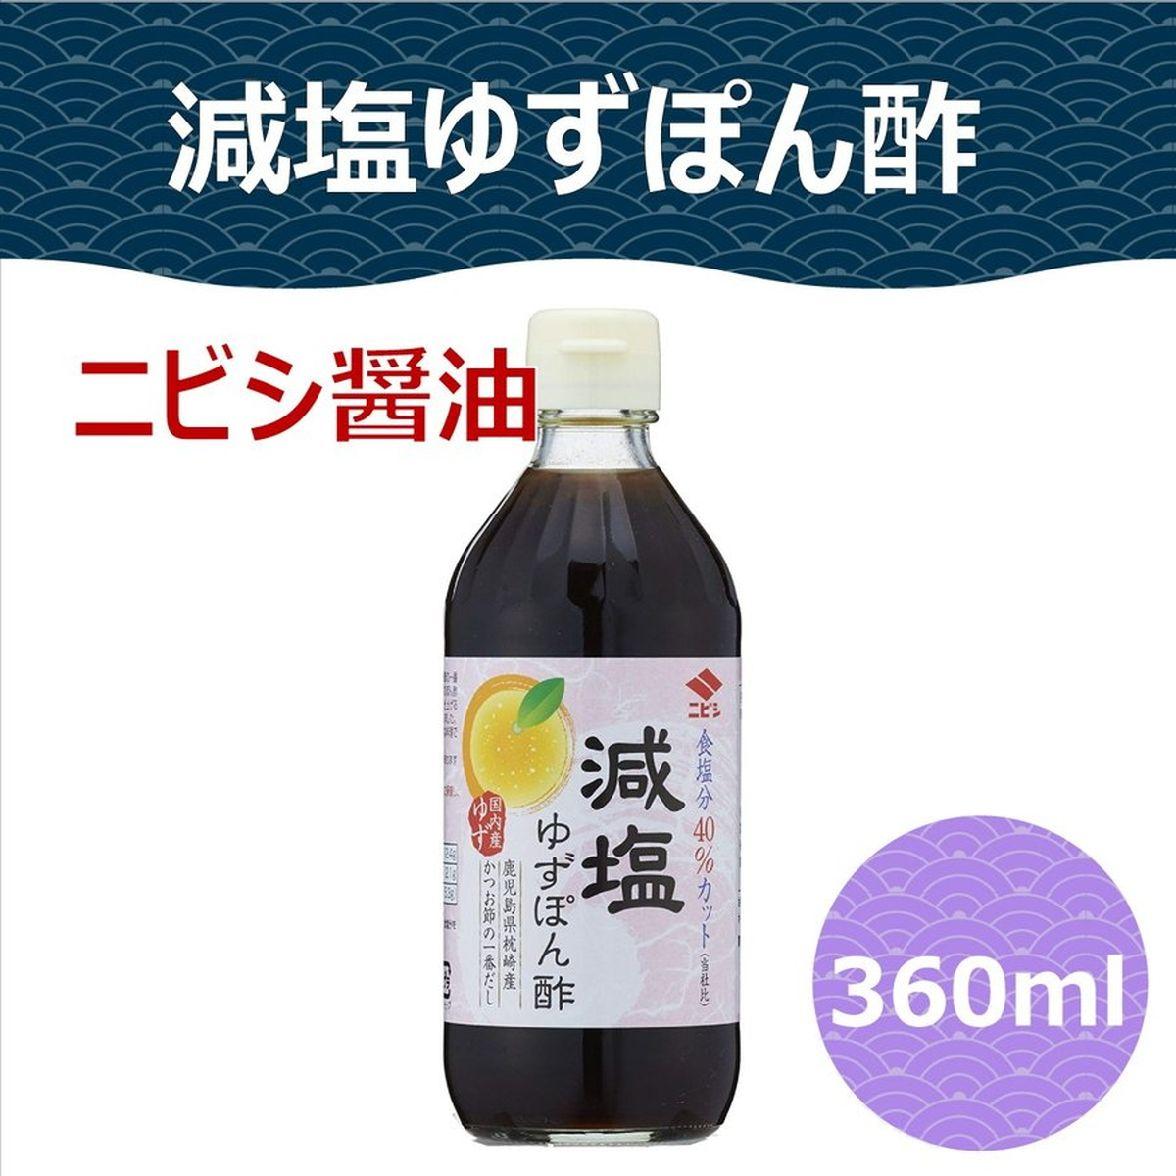 しょうゆ 減塩 高血圧 お歳暮 ニビシ 360ml 減塩ゆずぽん酢 お洒落 ニビシ醤油